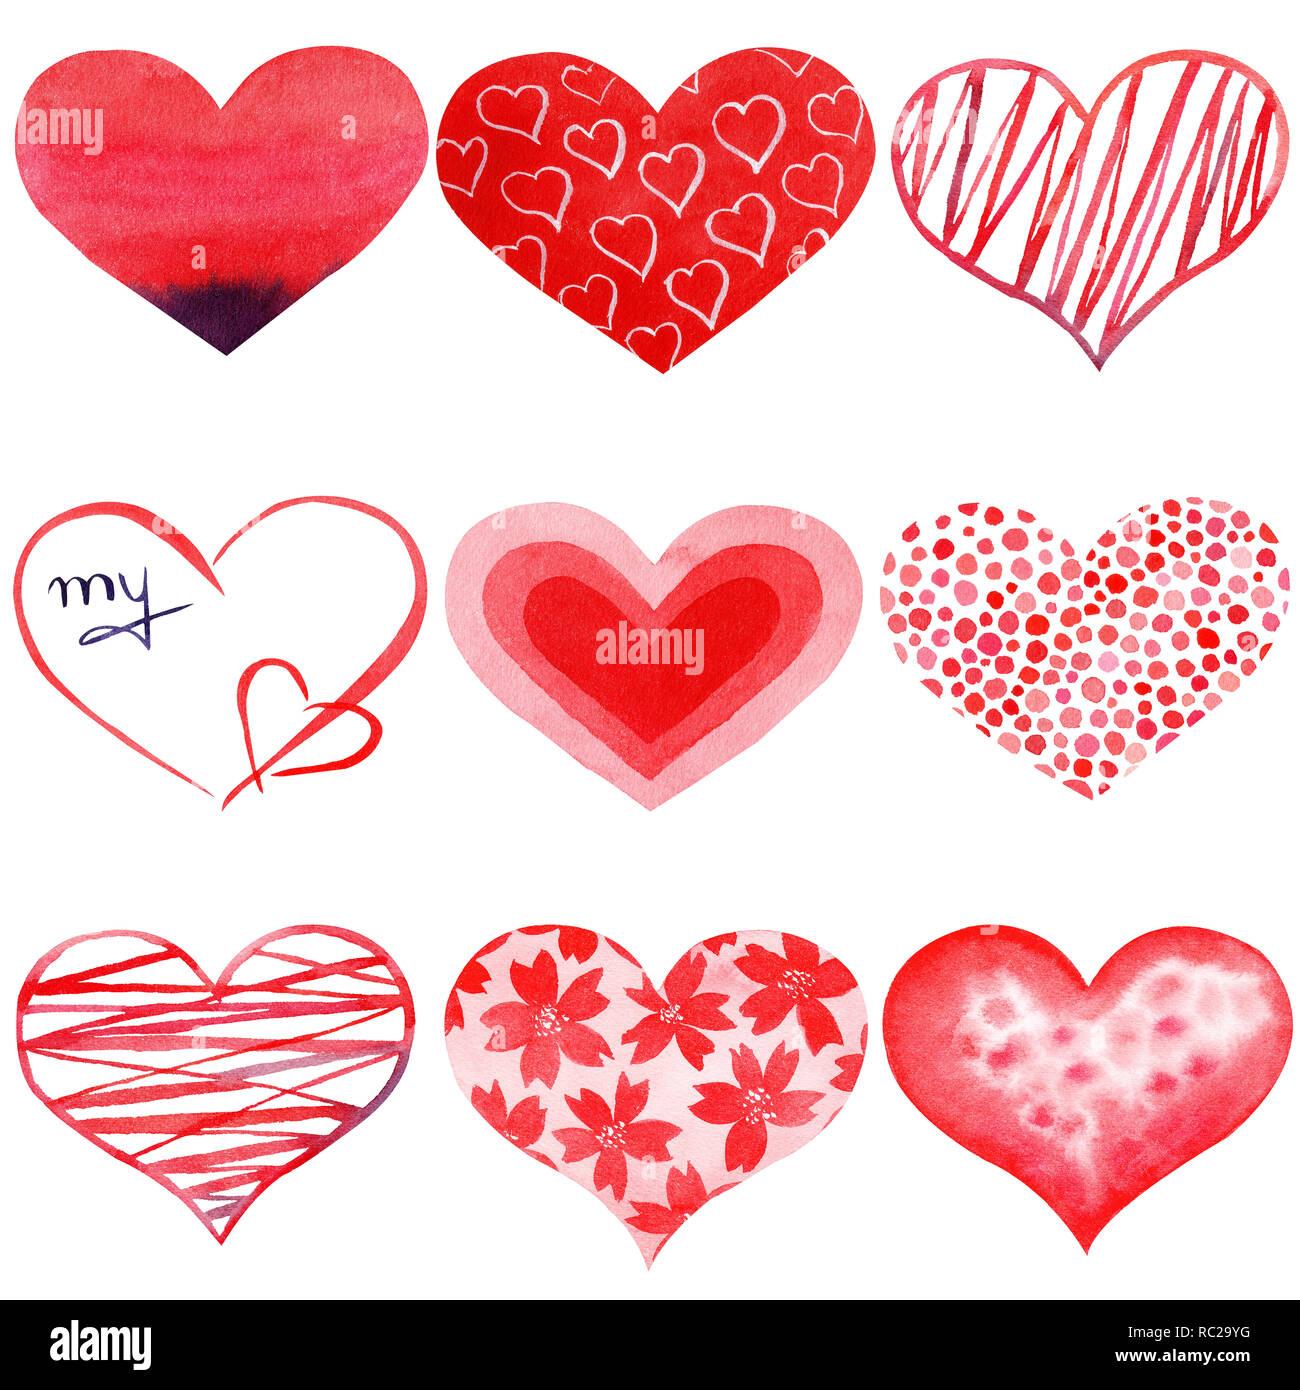 Satz Von Aquarell Handbemalten Roten Herzen Symbol Der Liebe